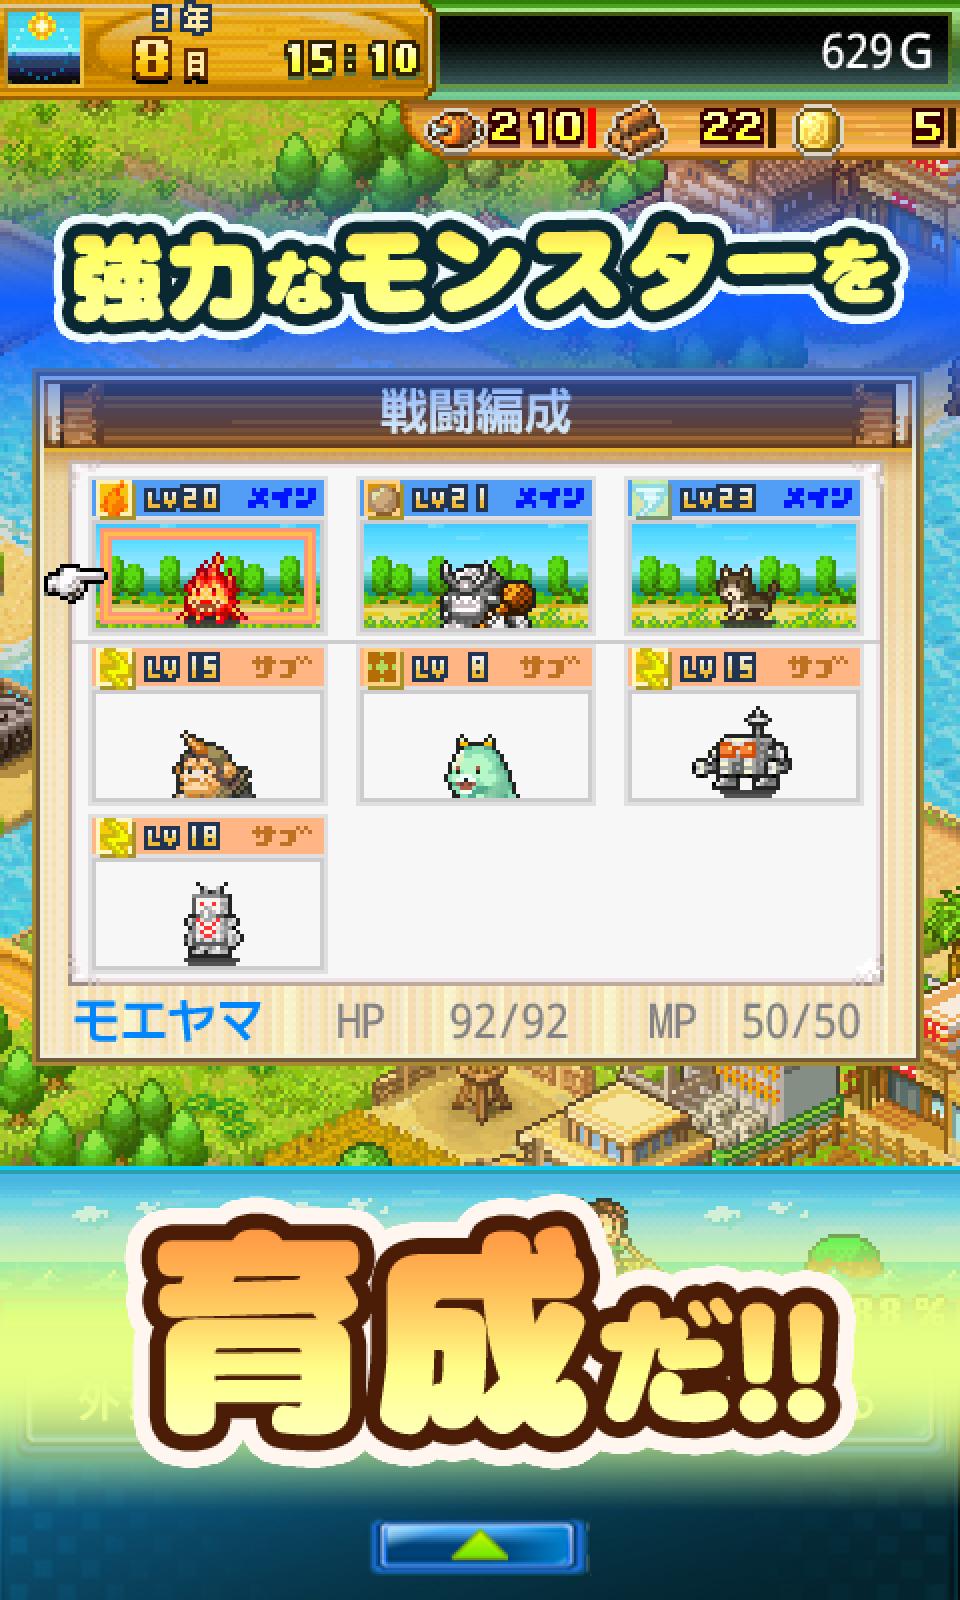 開拓サバイバル島 screenshot #13